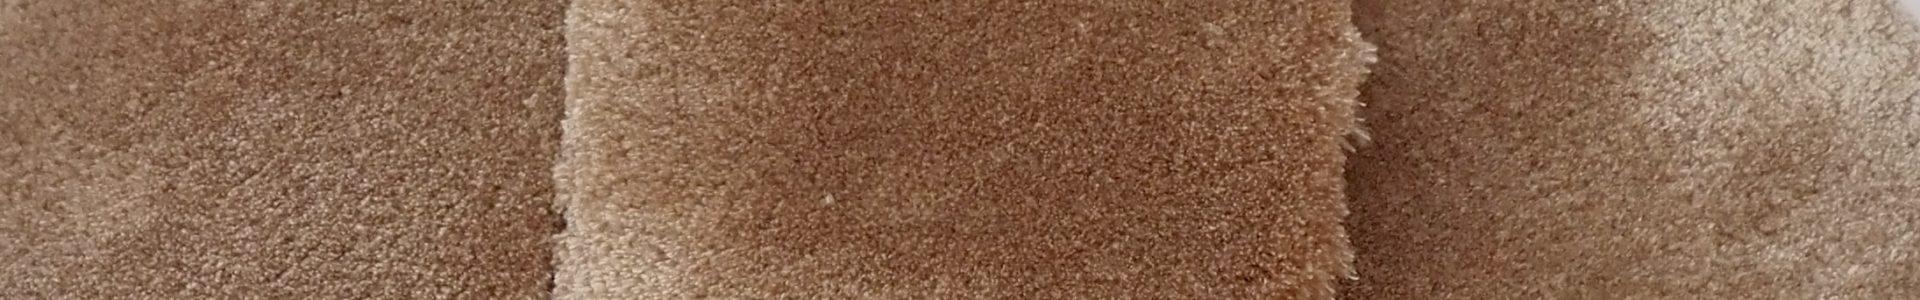 Sandshell (sample)